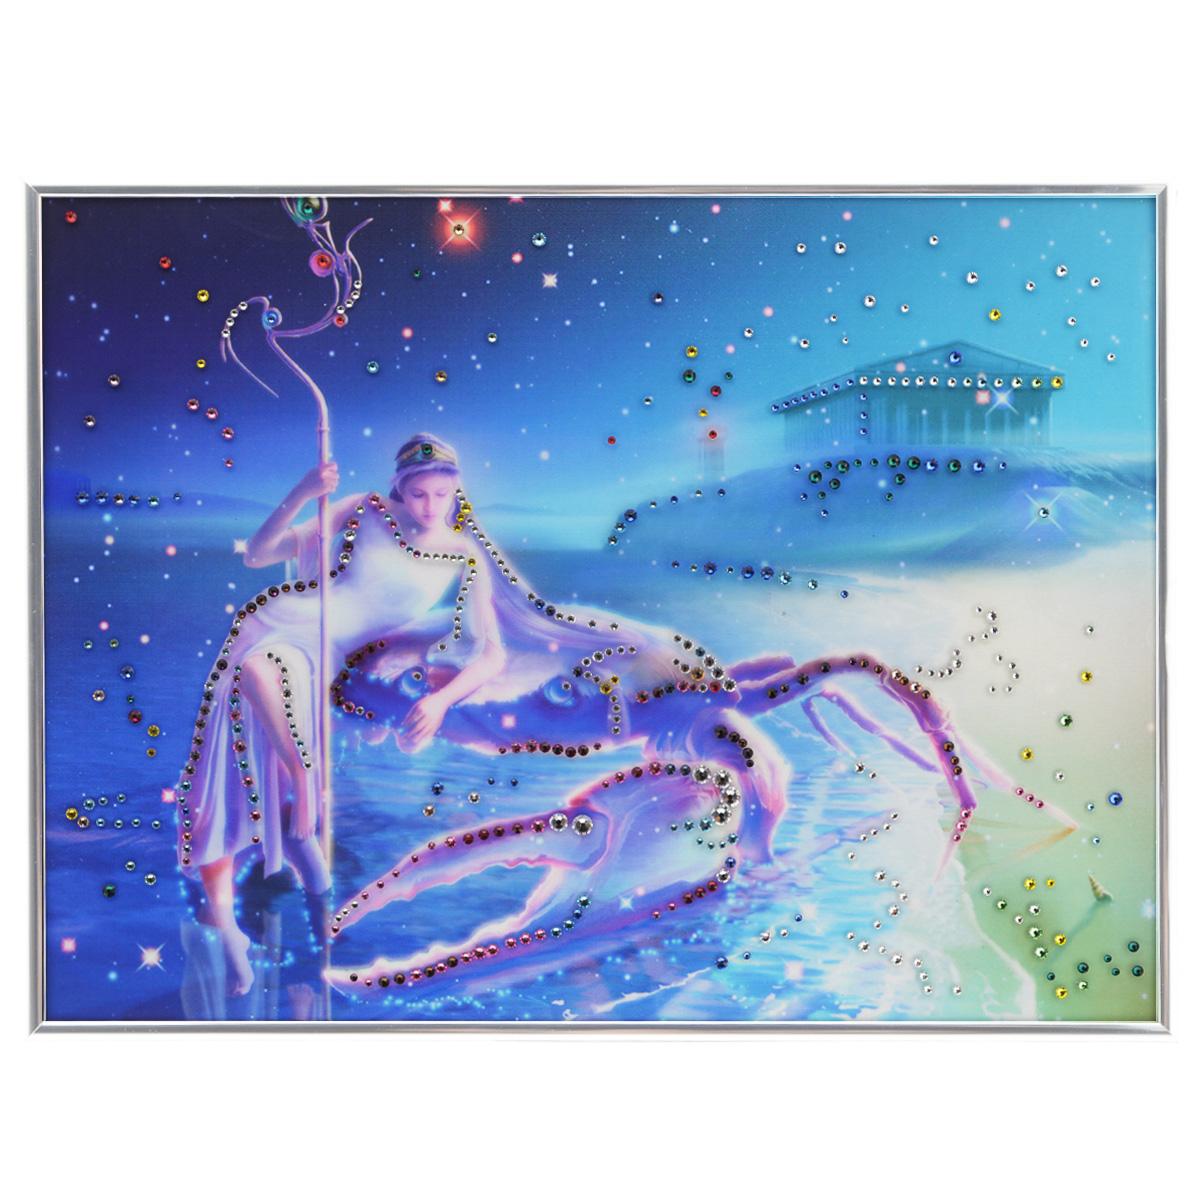 Картина с кристаллами Swarovski Знак зодиака. Рак Кагая, 40 х 30 смPM-3003Изящная картина в металлической раме, инкрустирована кристаллами Swarovski, которые отличаются четкой и ровной огранкой, ярким блеском и чистотой цвета. Красочное изображение знака зодиака - рак Кагая, расположенное под стеклом, прекрасно дополняет блеск кристаллов. С обратной стороны имеется металлическая петелька для размещения картины на стене. Картина с кристаллами Swarovski Знак зодиака. Рак Кагая элегантно украсит интерьер дома или офиса, а также станет прекрасным подарком, который обязательно понравится получателю. Блеск кристаллов в интерьере, что может быть сказочнее и удивительнее. Картина упакована в подарочную картонную коробку синего цвета и комплектуется сертификатом соответствия Swarovski.